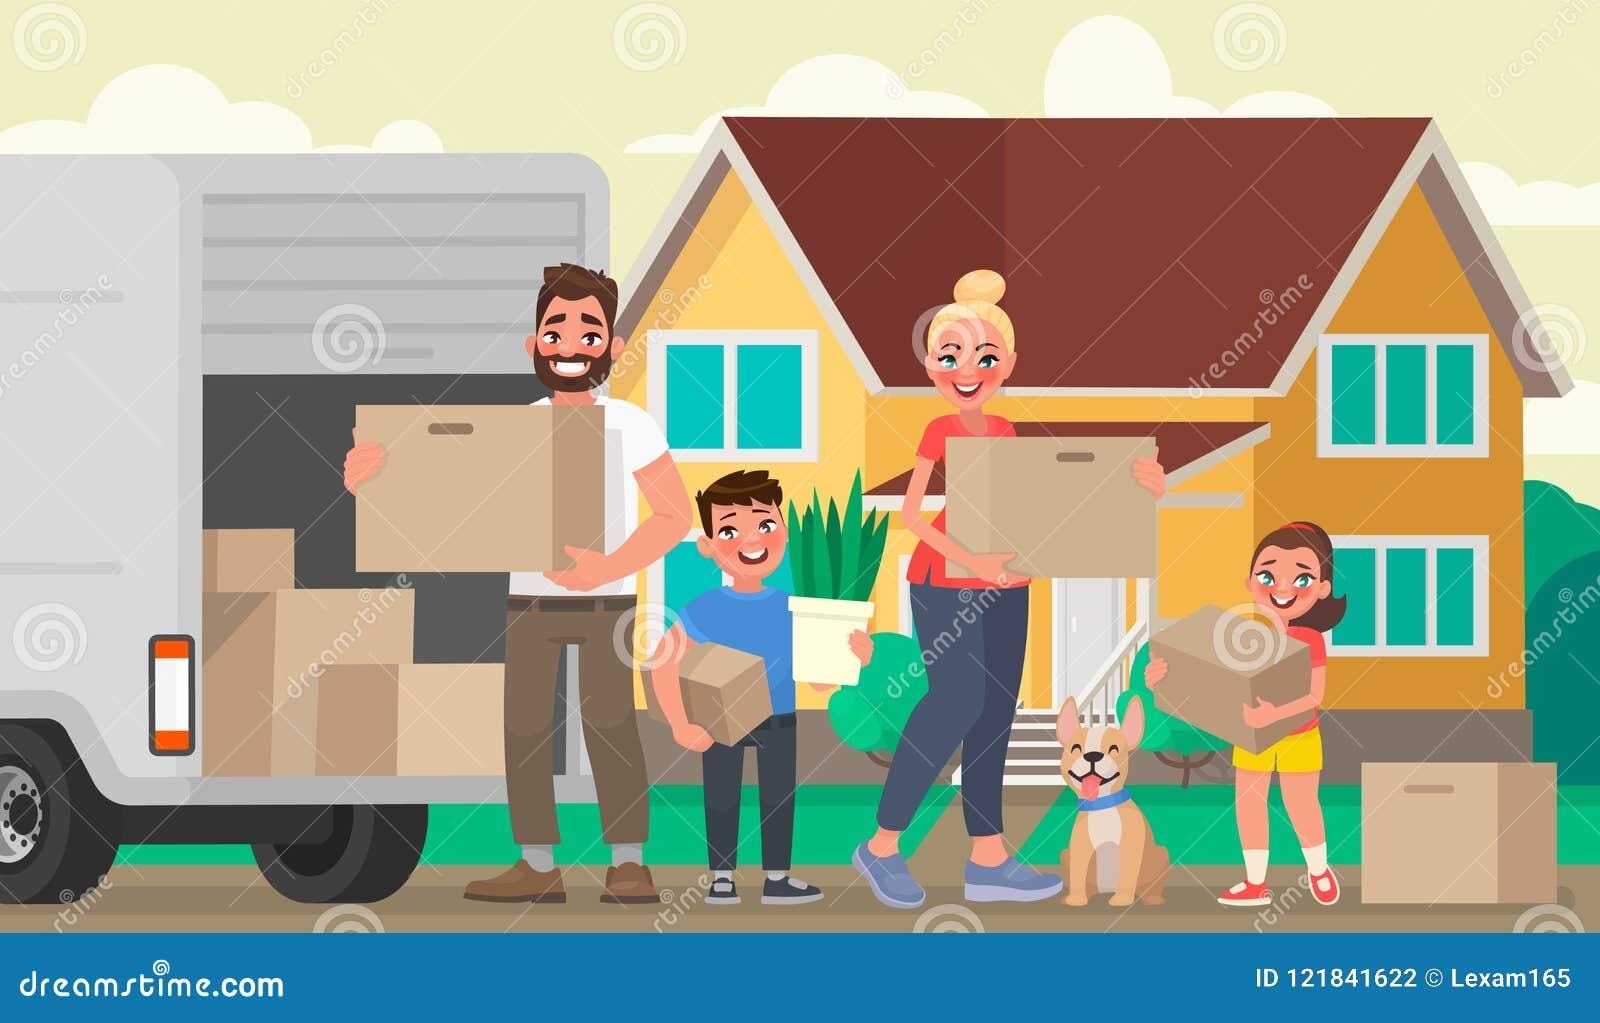 Een Nieuw Huis : Gelukkige familiebewegingen aan een nieuw huis vader moeder en